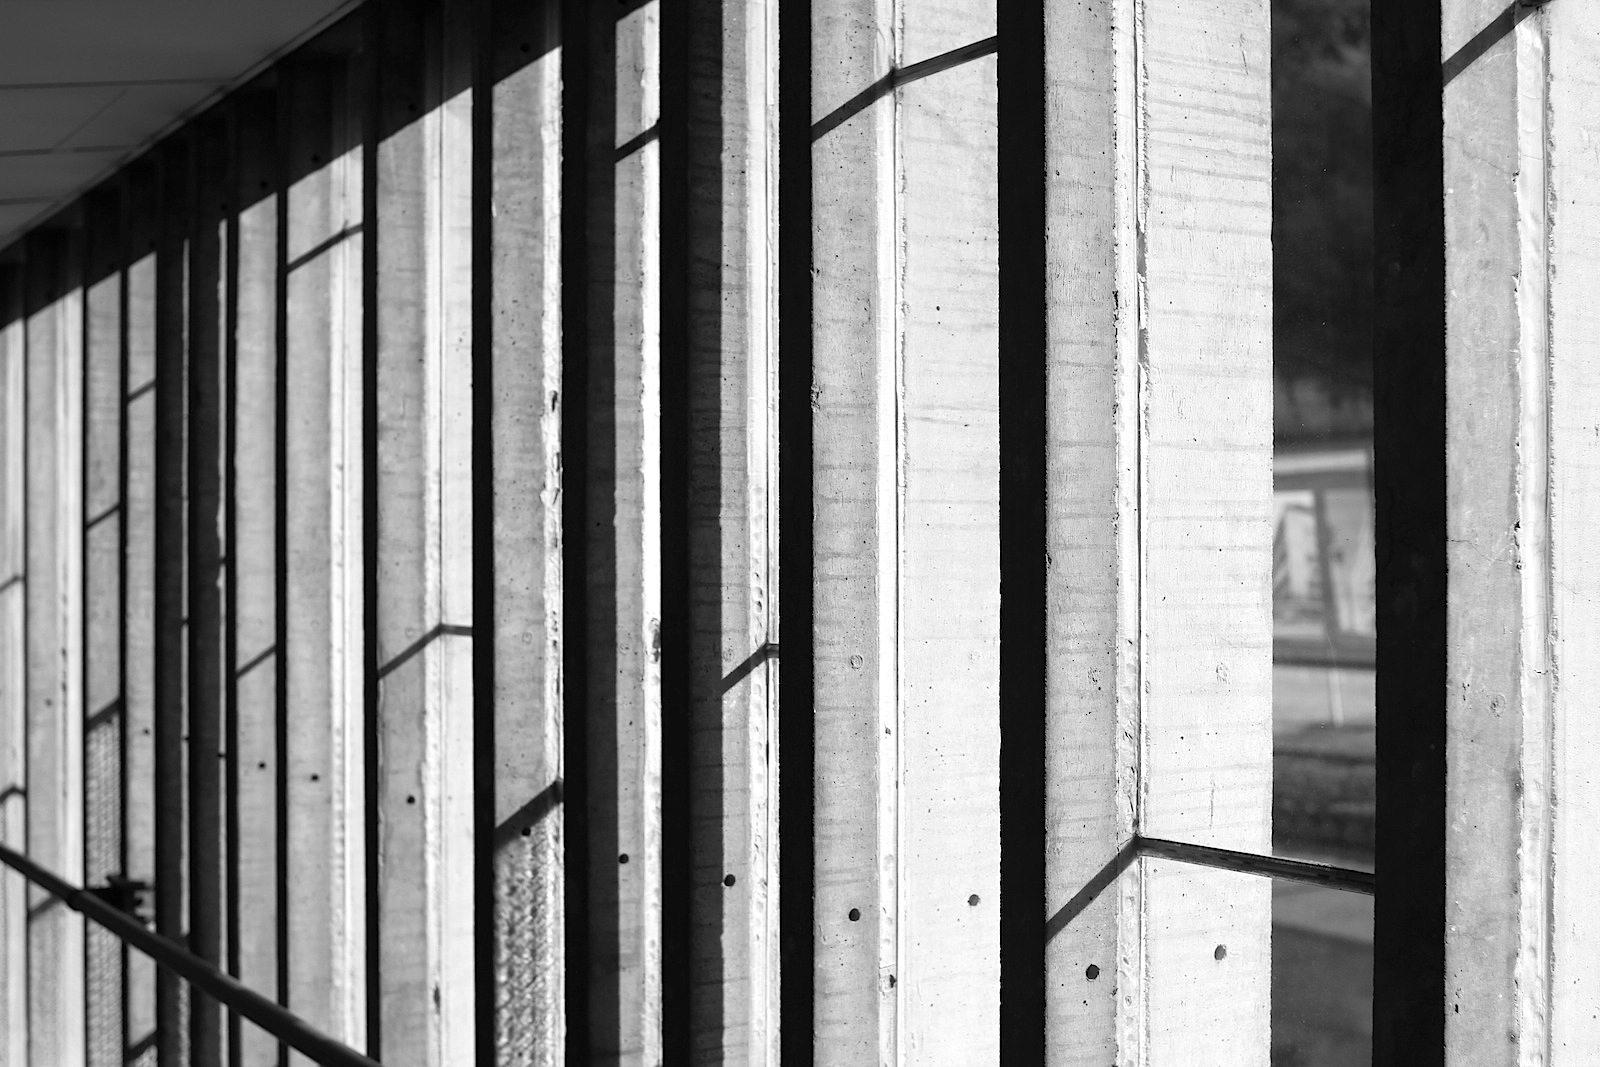 Maison de la Culture. Die von Iannis Xenakis konzipierten Fenster sind in ihrer Anordnung Tönen nachempfunden.